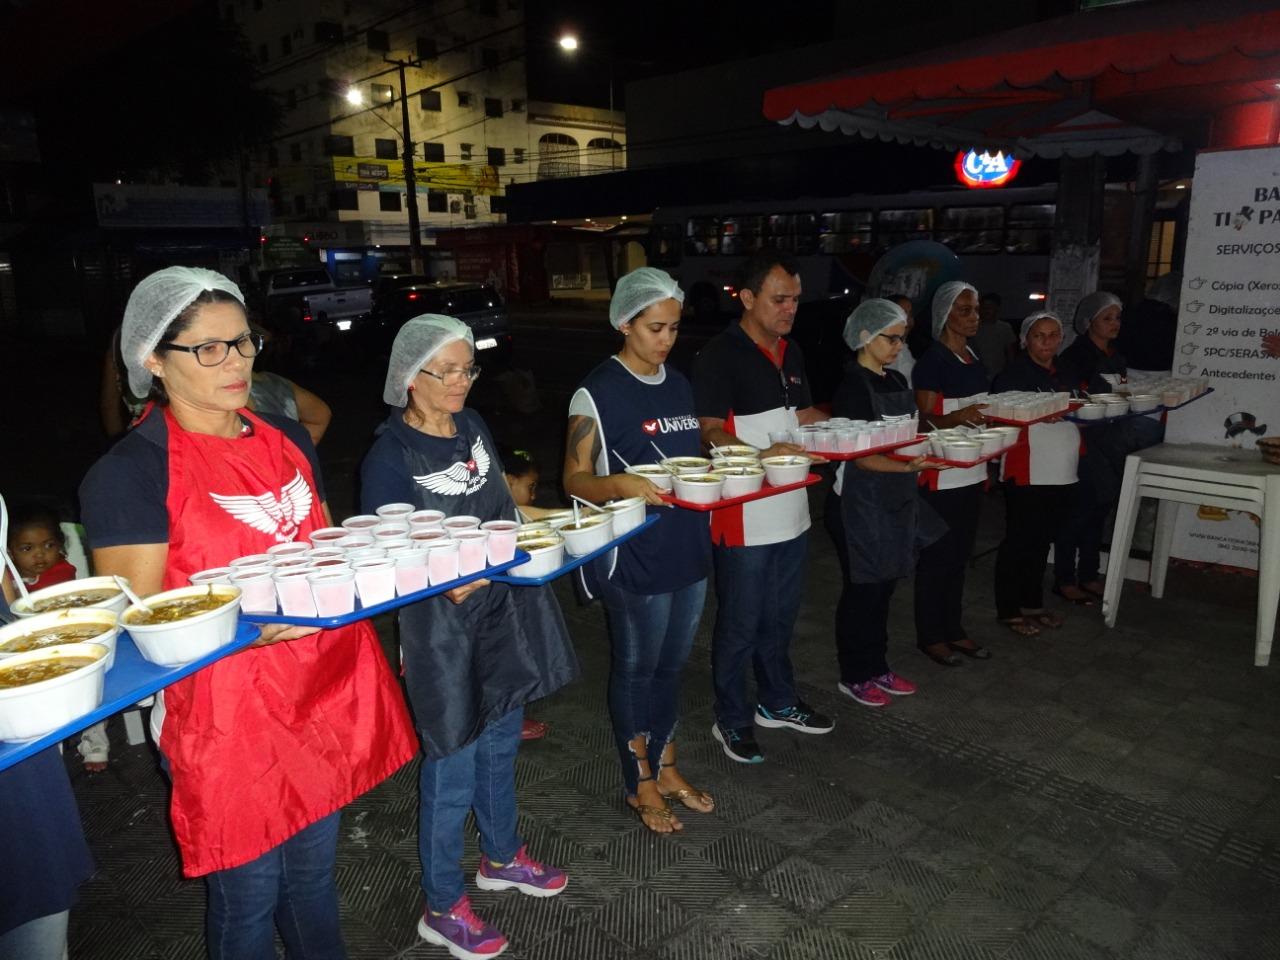 Acostumados a receber apenas indiferença, moradores de rua de Natal ganham cuidado e amparo social